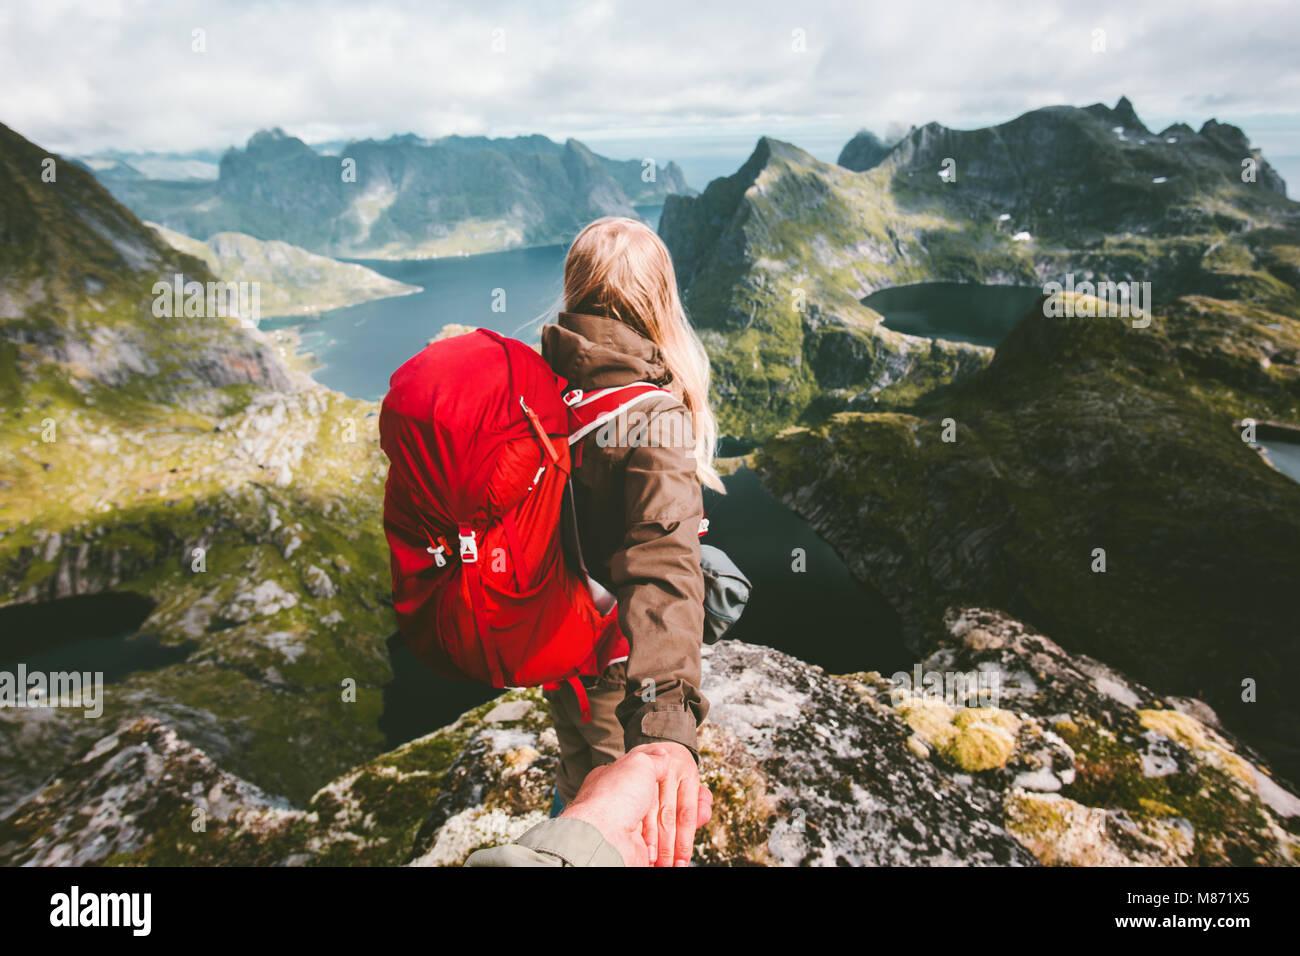 Giovane seguire tenendo le mani sulla scogliera montagna in Norvegia Travel lifestyle amore emozioni concetto estate Immagini Stock